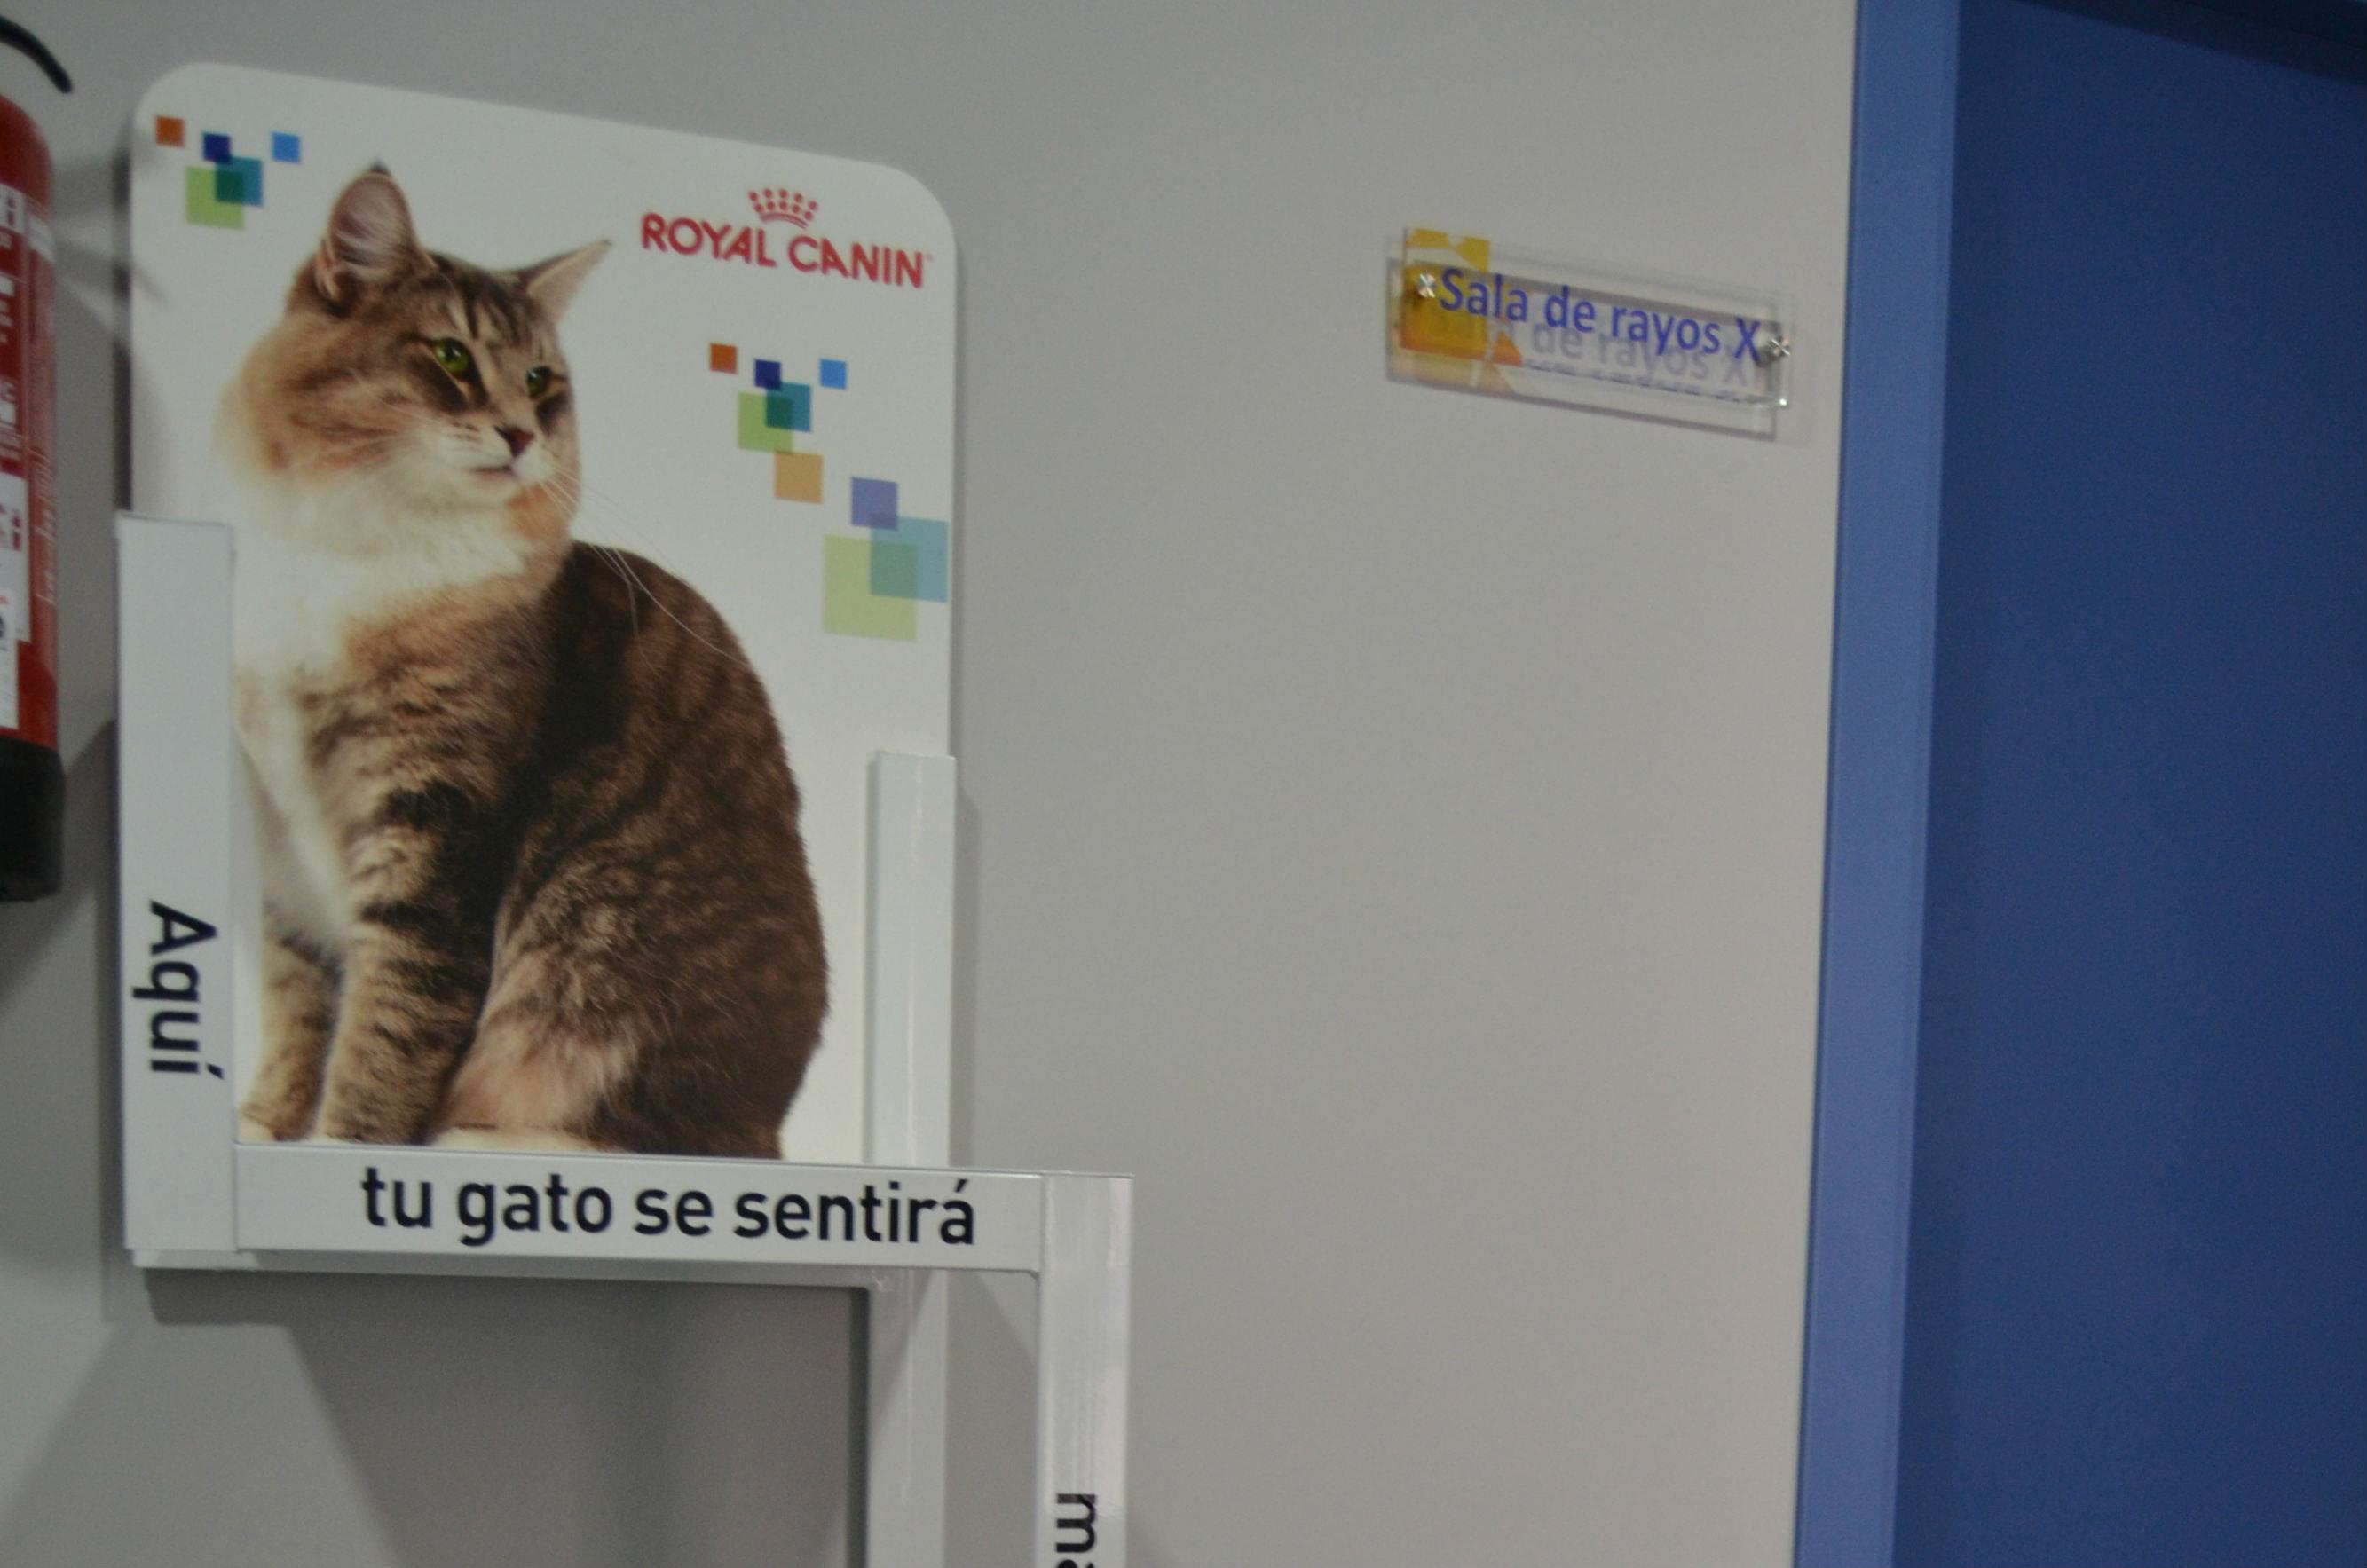 Clínica Veterinaria Montesol Cáceres | Urgencias veterinarias 24 horas | Calle las Avutardas, 5, 10004 Cáceres | +34 629 939 685